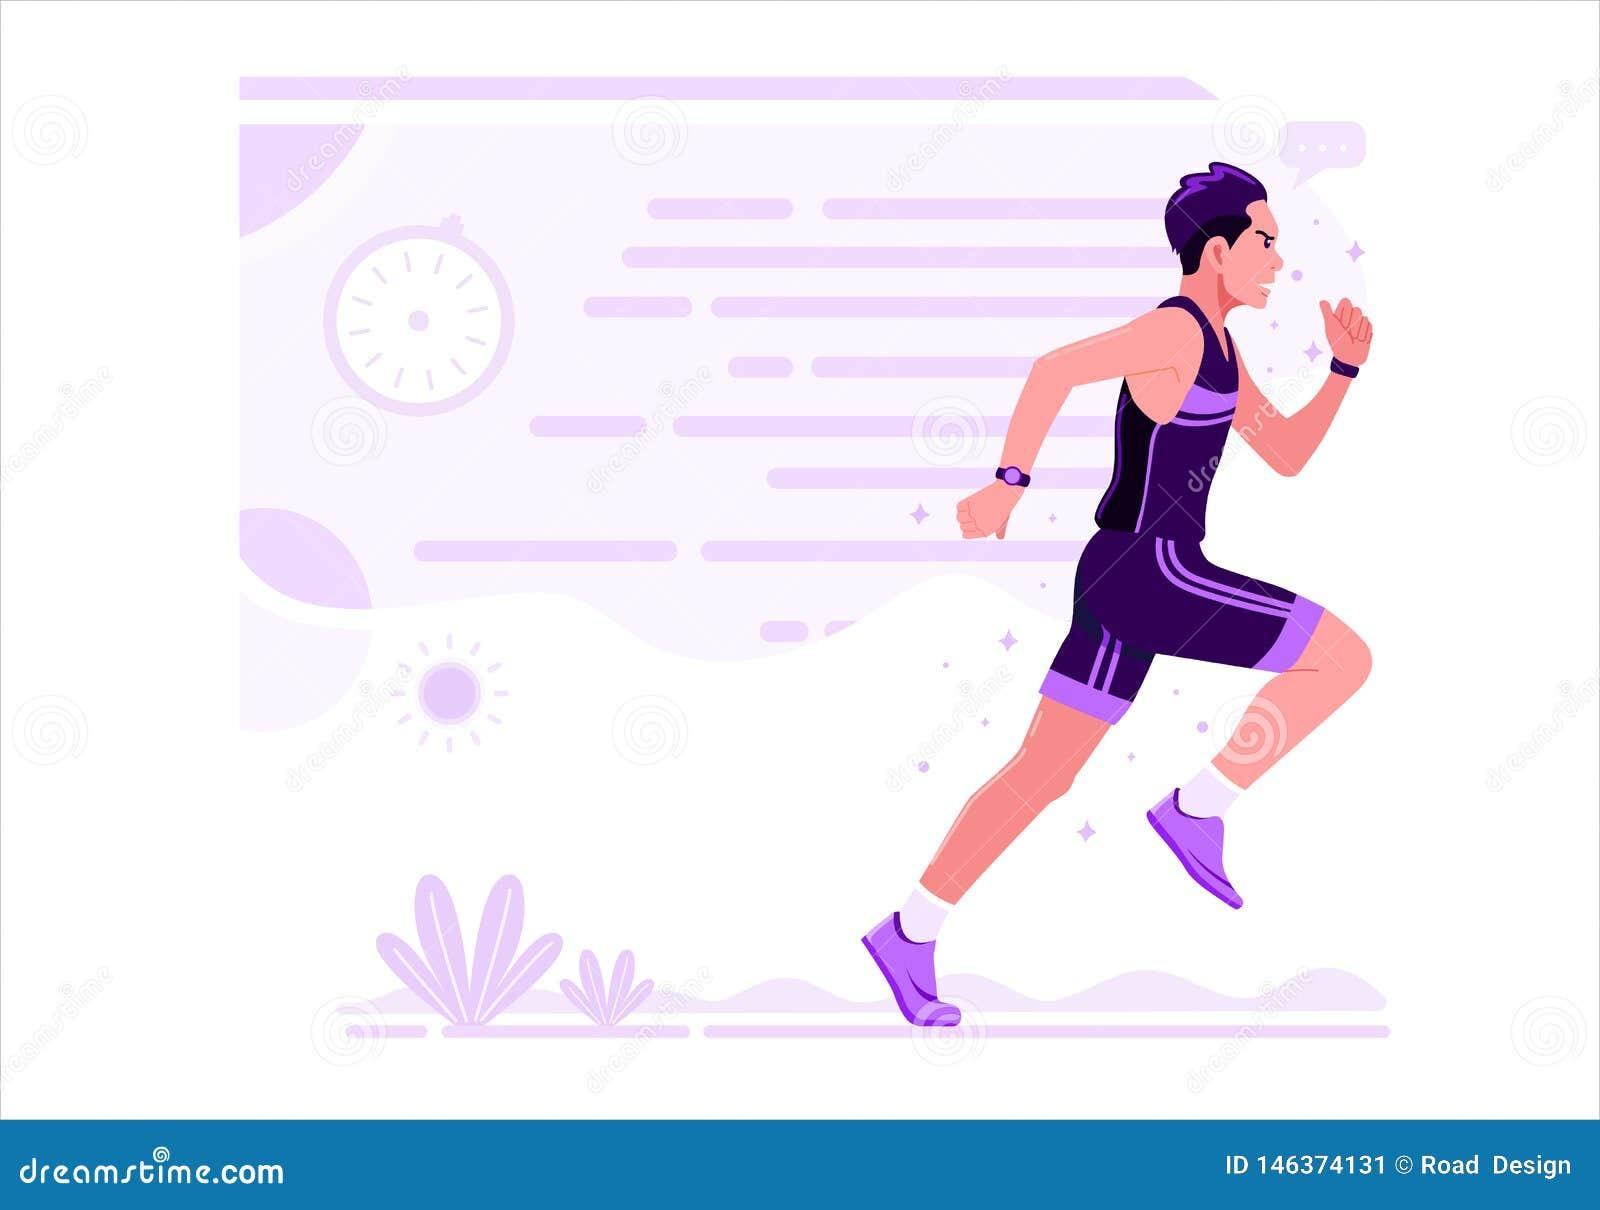 Laufender Vektorillustration des Mann-athletischen Sports flacher Entwurf